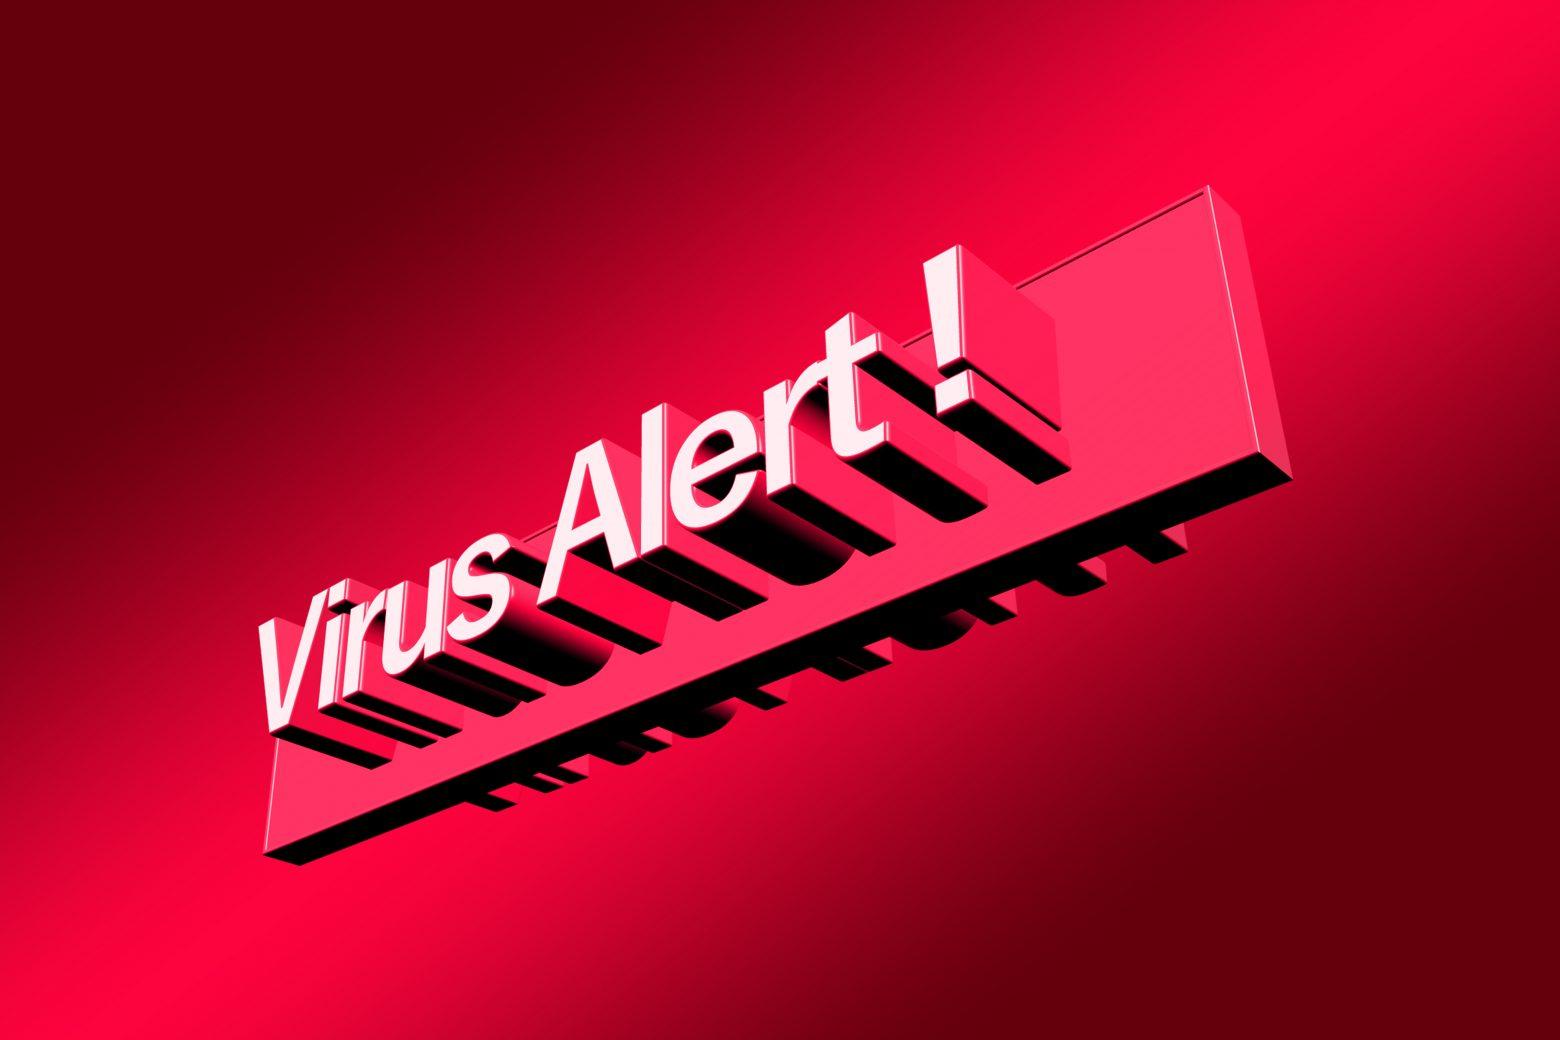 virus-3075845